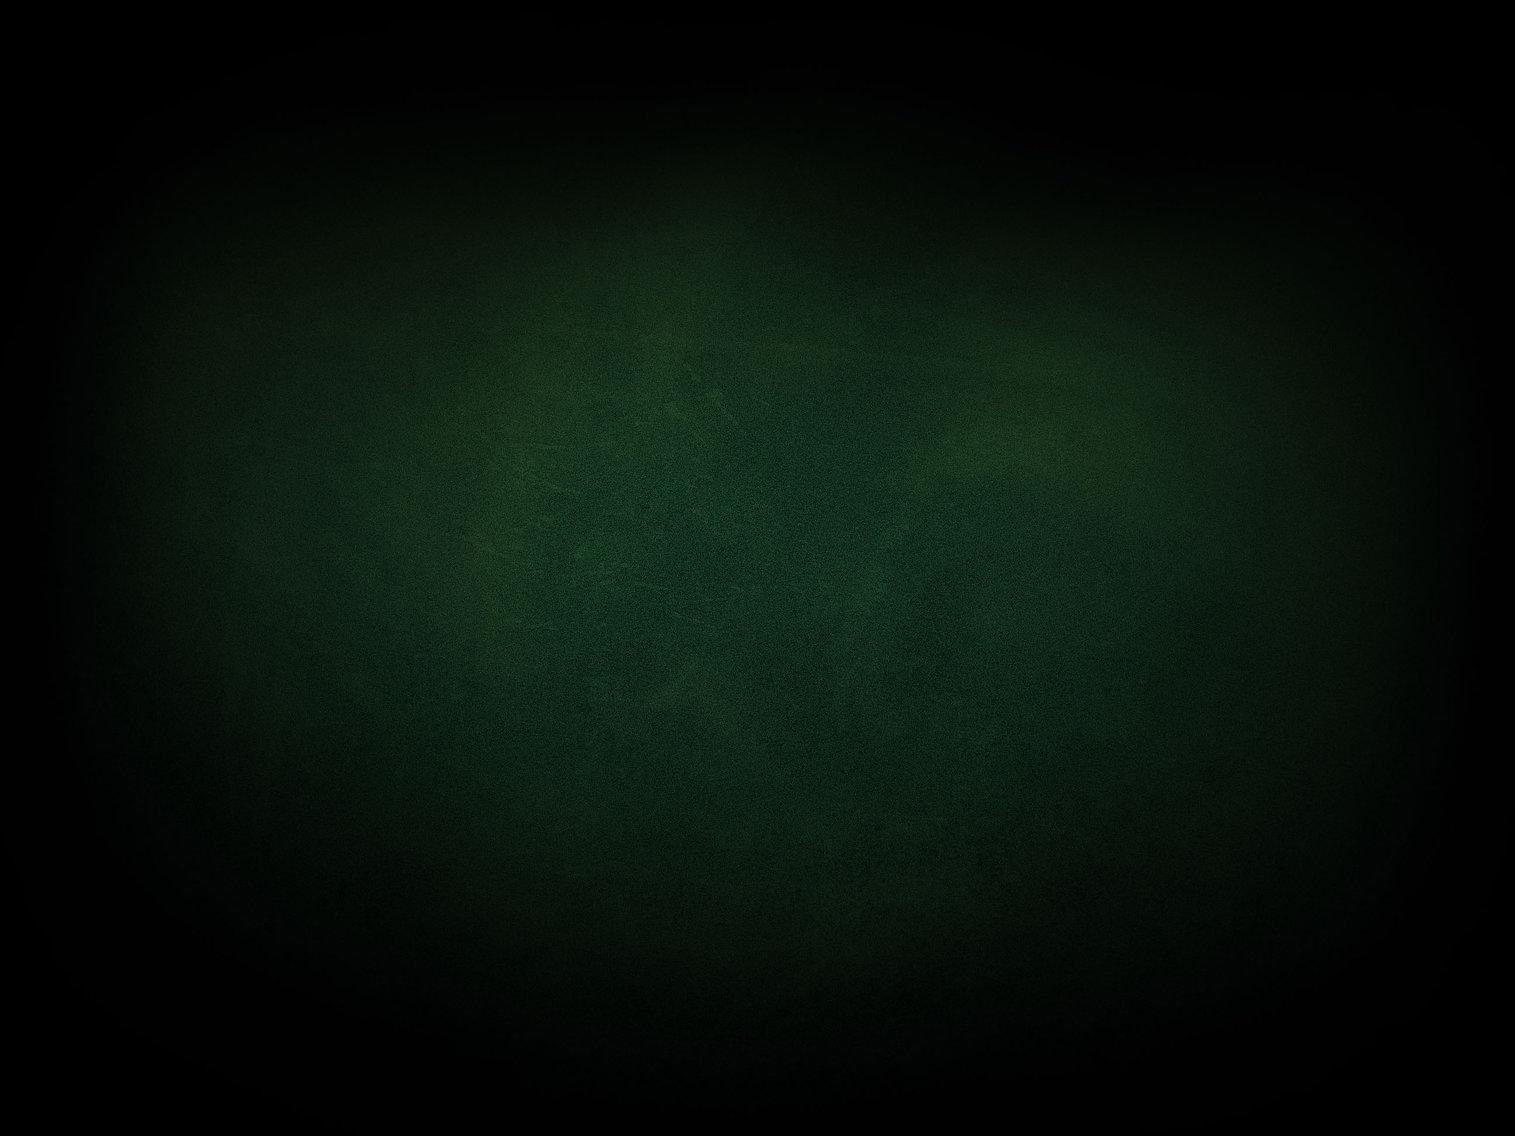 texture.green.jpg